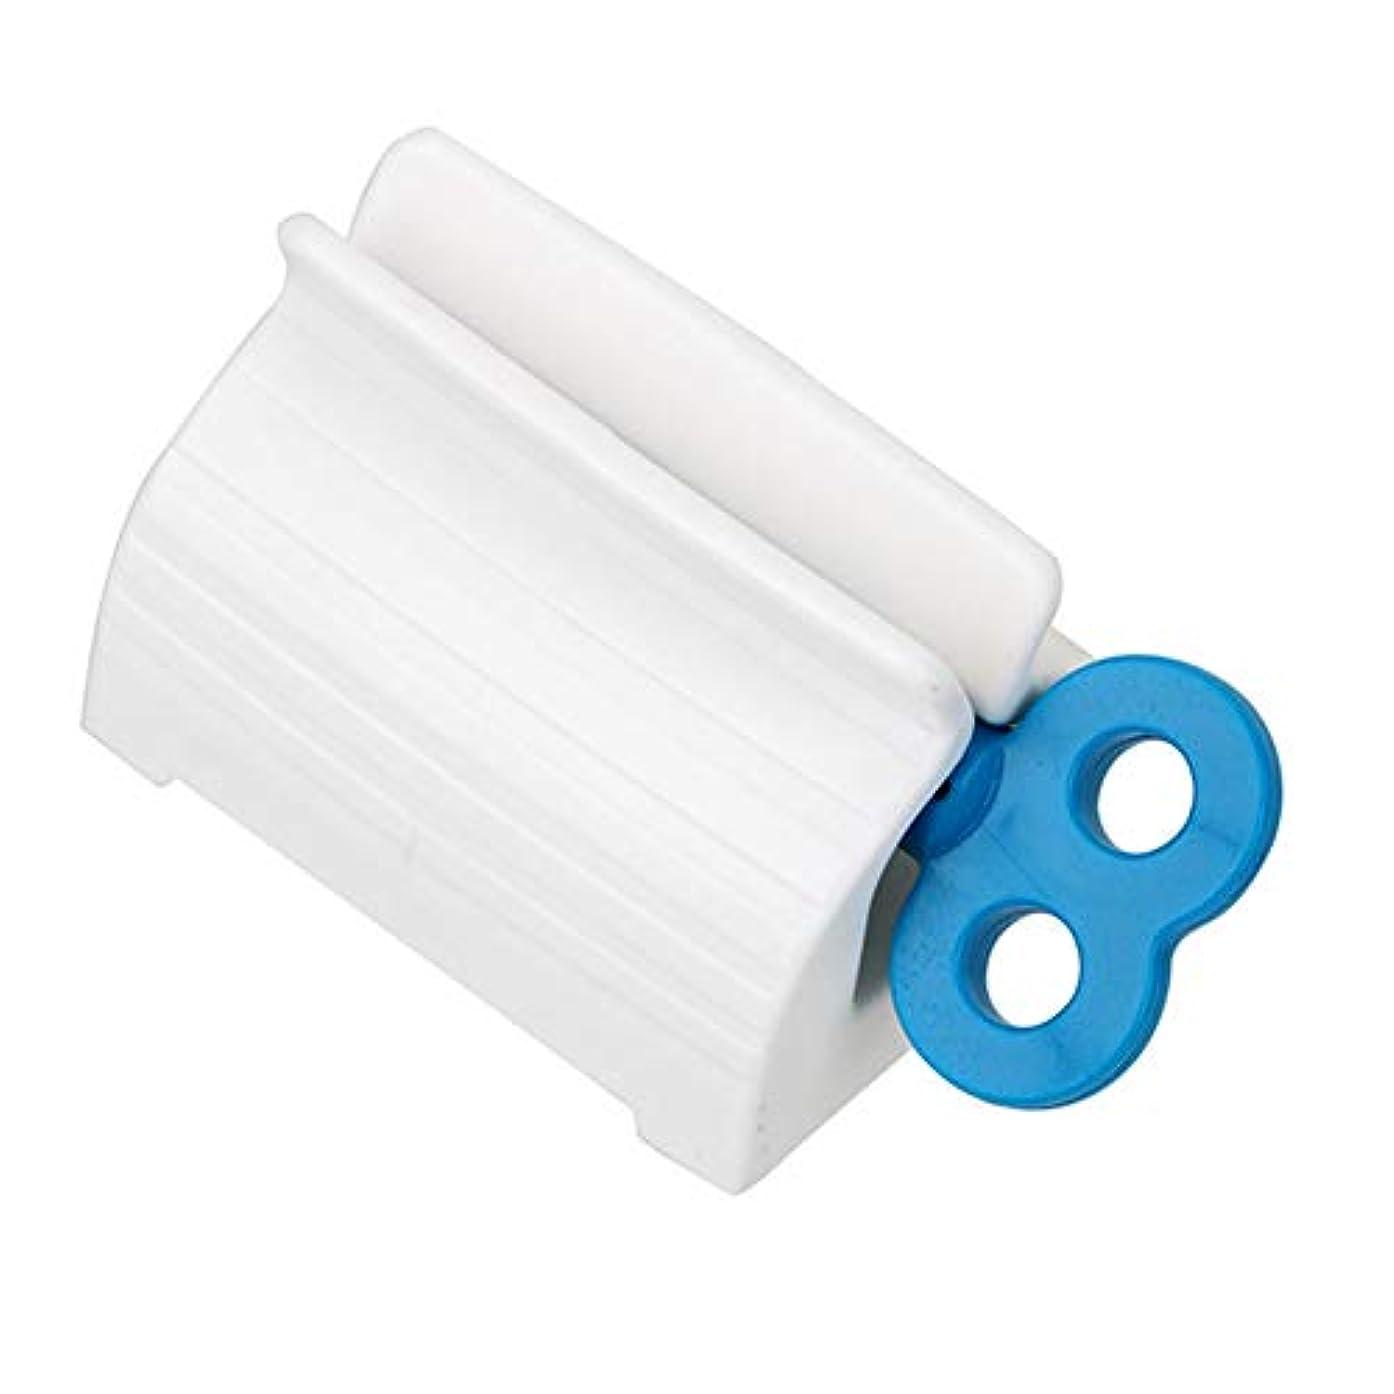 六月遠い湿度ローリングチューブ歯磨き粉スクイーザー小説回転ハンドルディスペンサー超便利なセーバー多目的吸盤簡単浴室用プラスチックスタンドホルダー